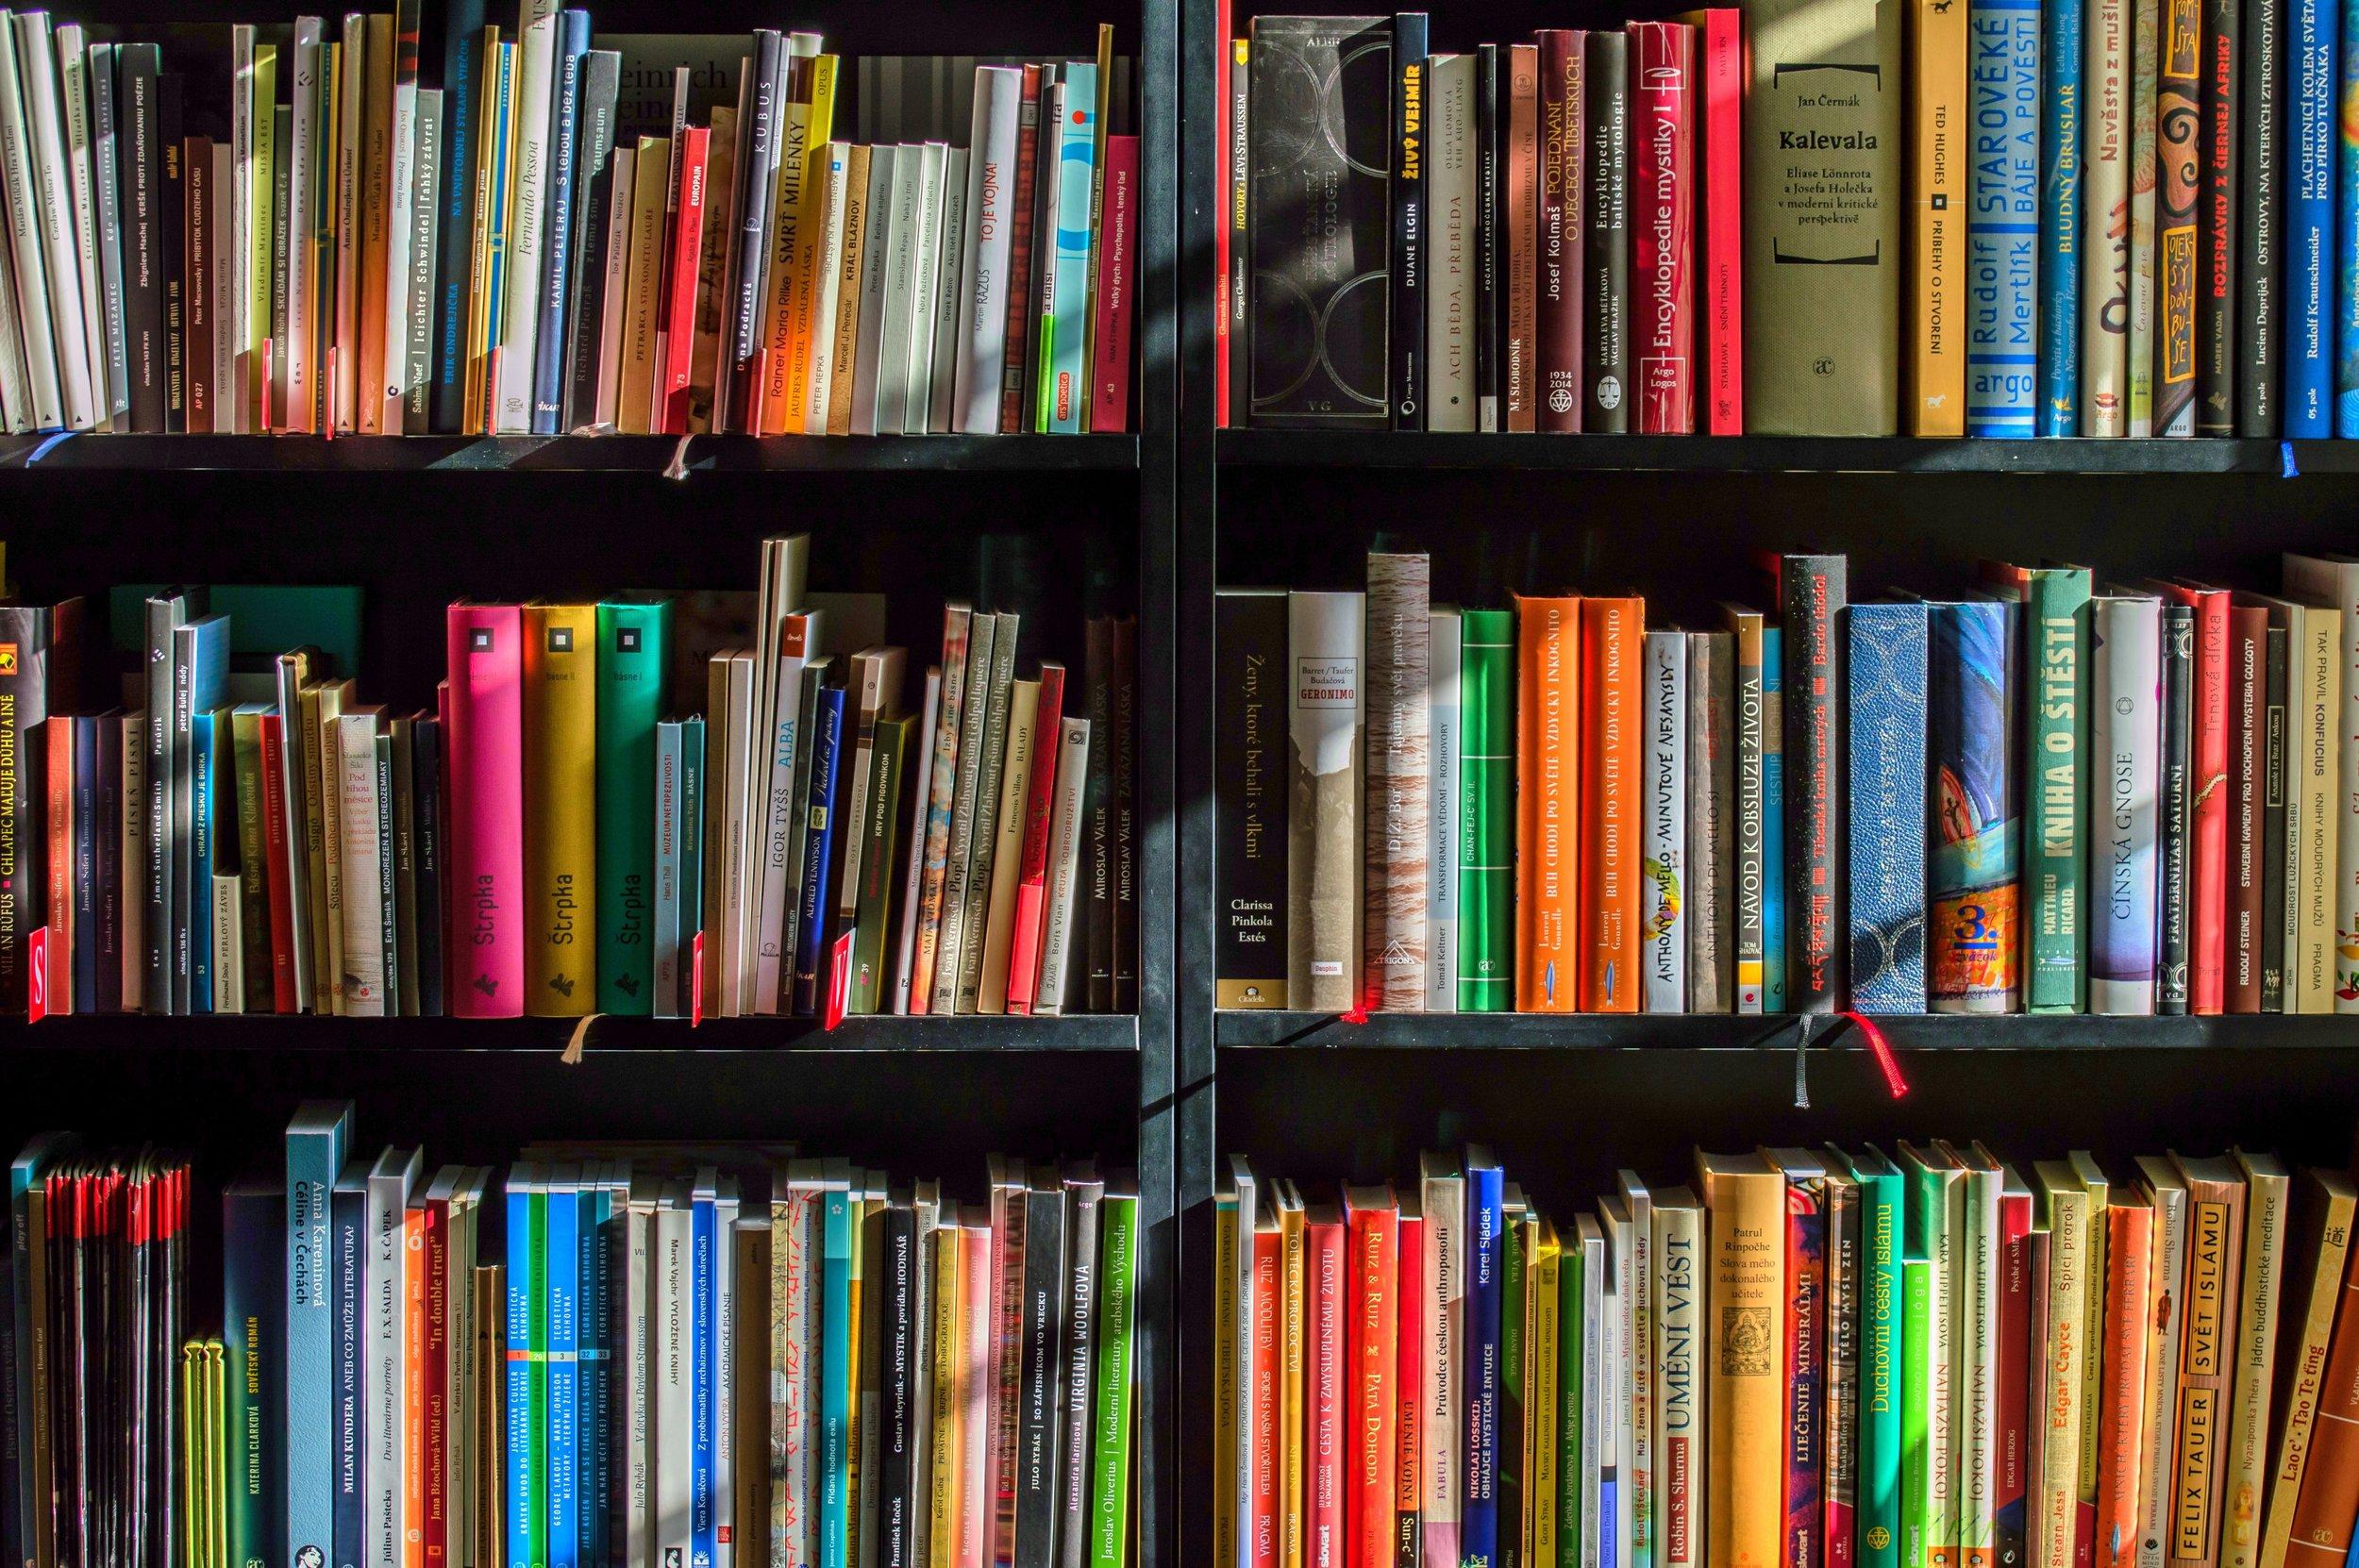 bookcase-books-bookshelves-159711.jpg